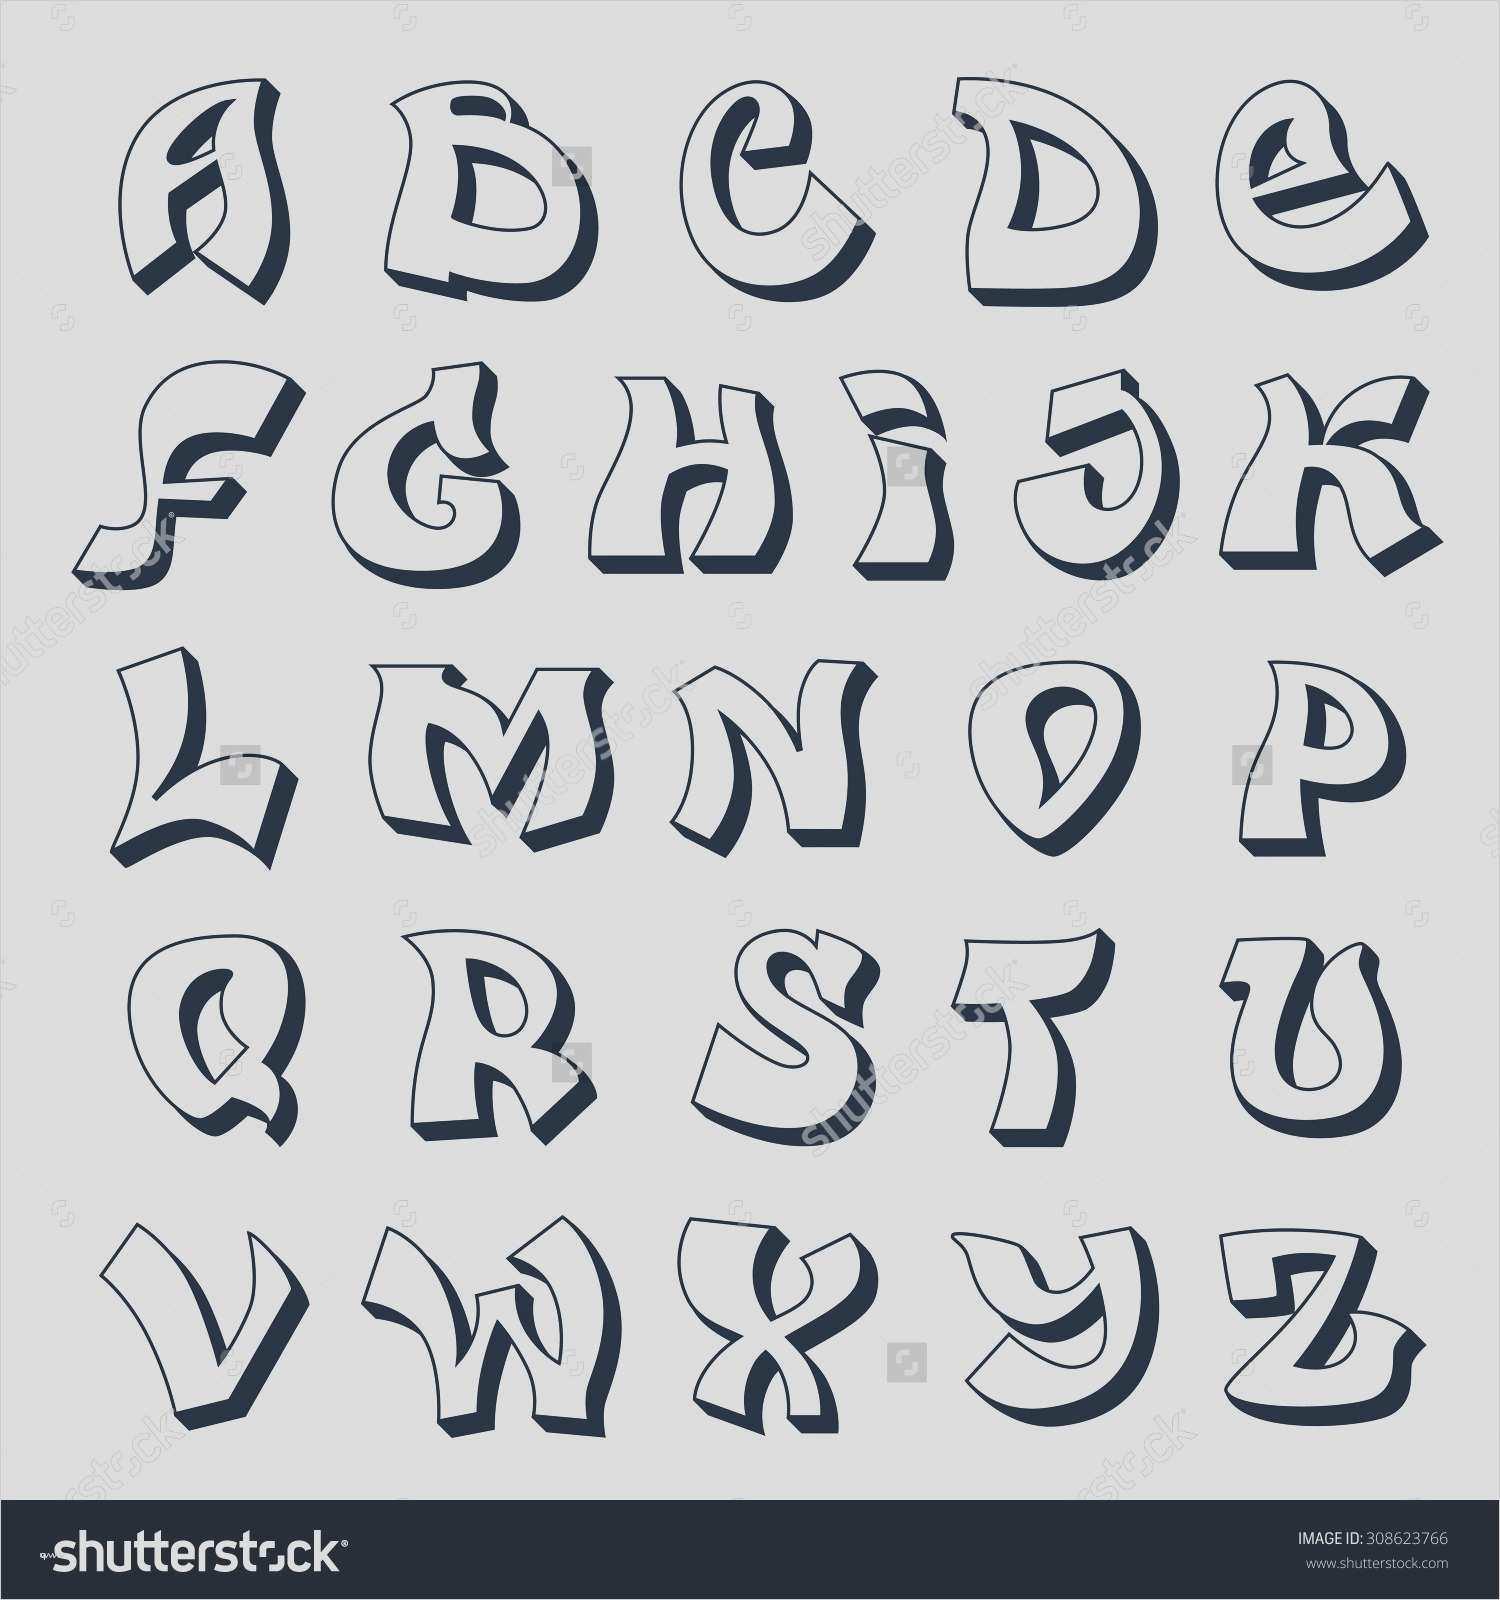 Erstaunlich Graffiti Vorlagen Für Anfänger Solche Können in Graffiti Buchstaben Vorlagen